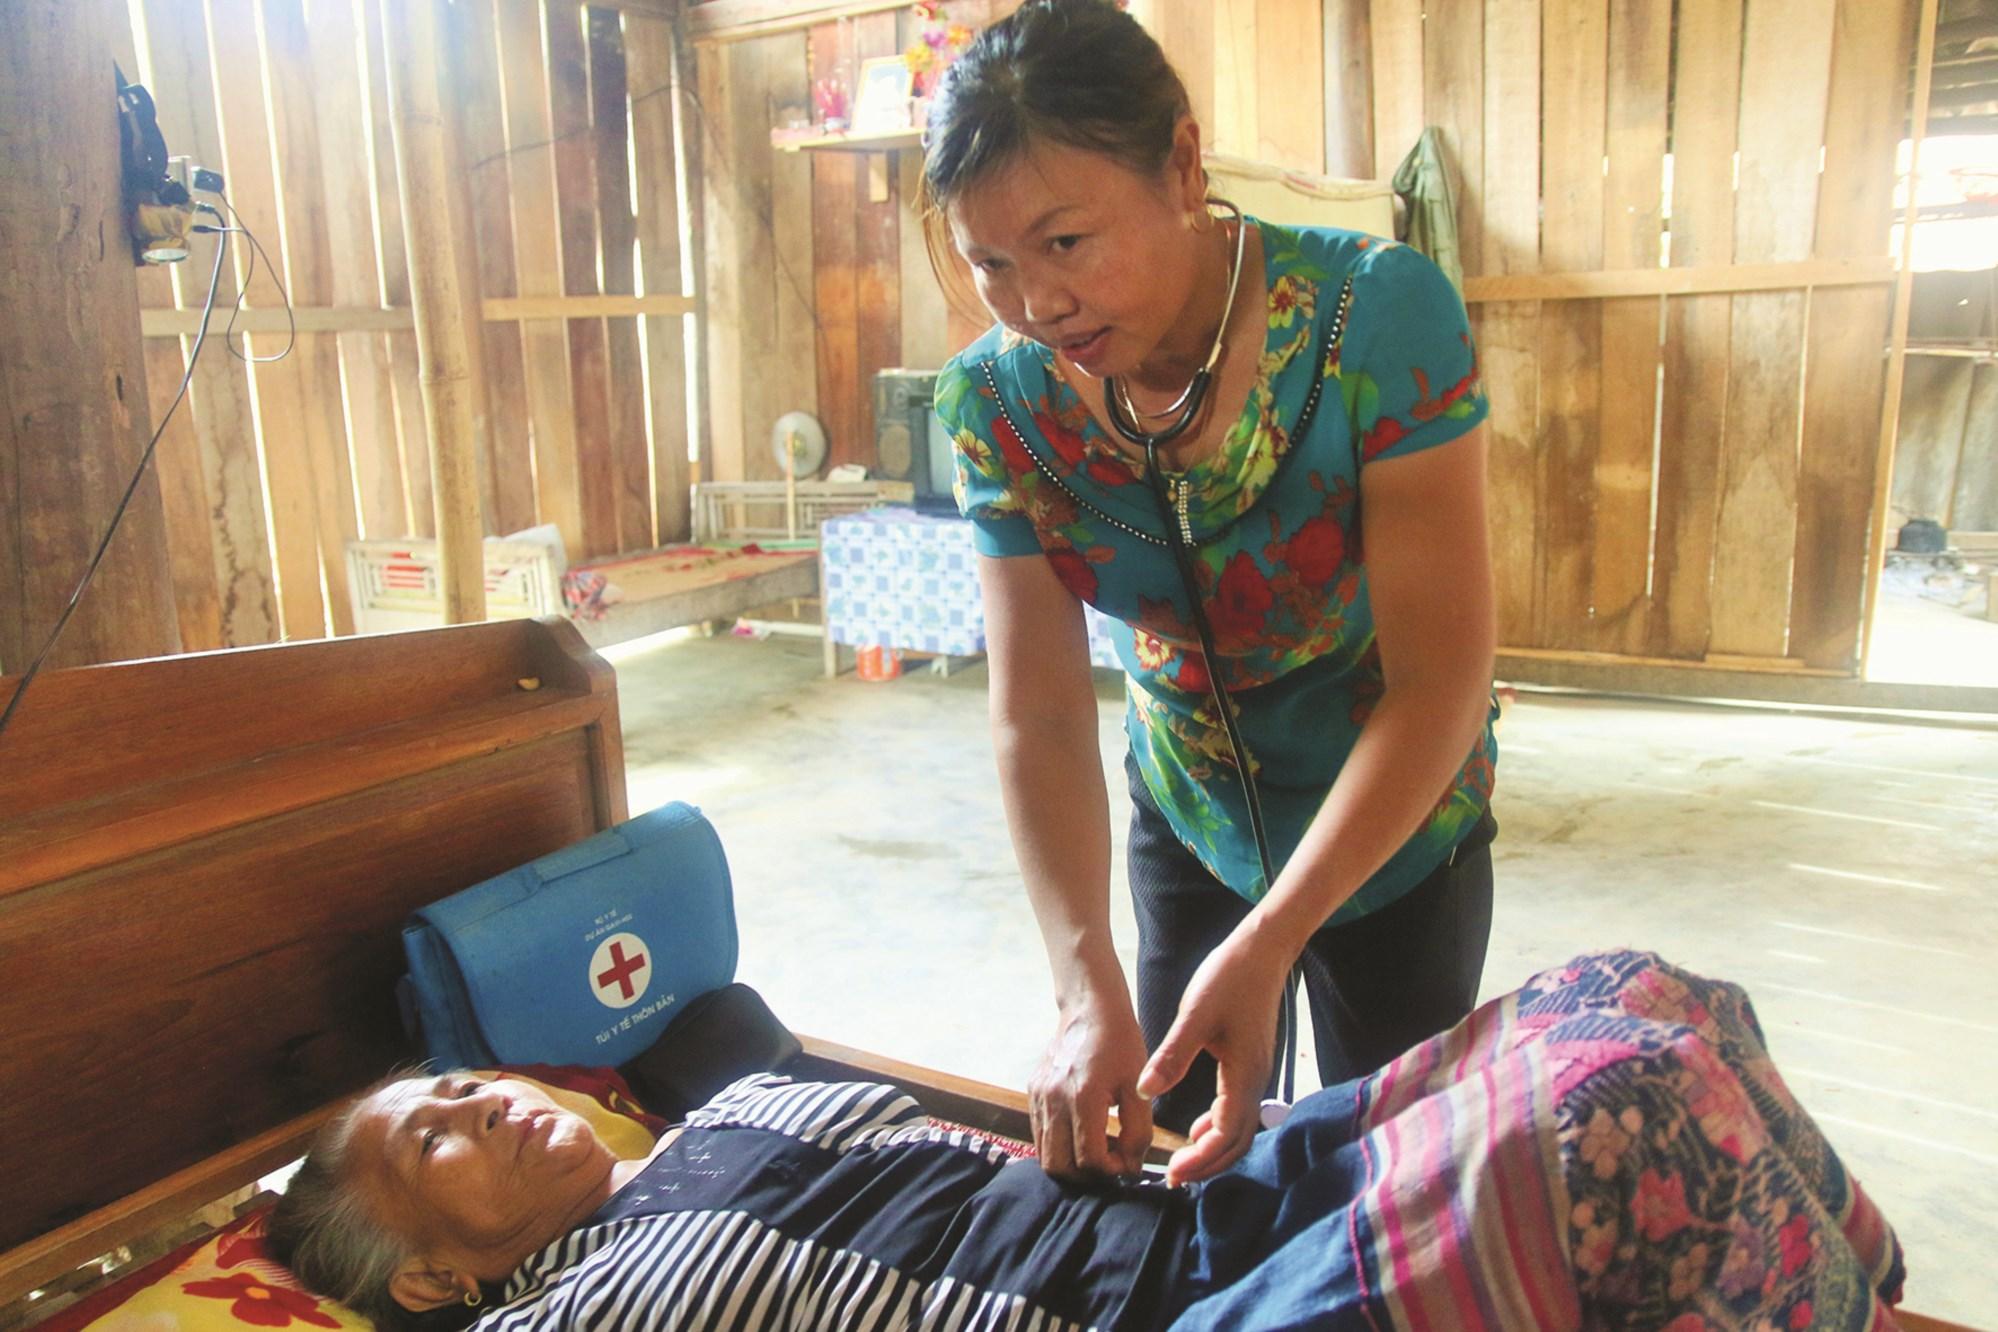 Hằng ngày chị Lê Thị Minh vẫn miệt mài đến thăm khám cho bà con trong bản.